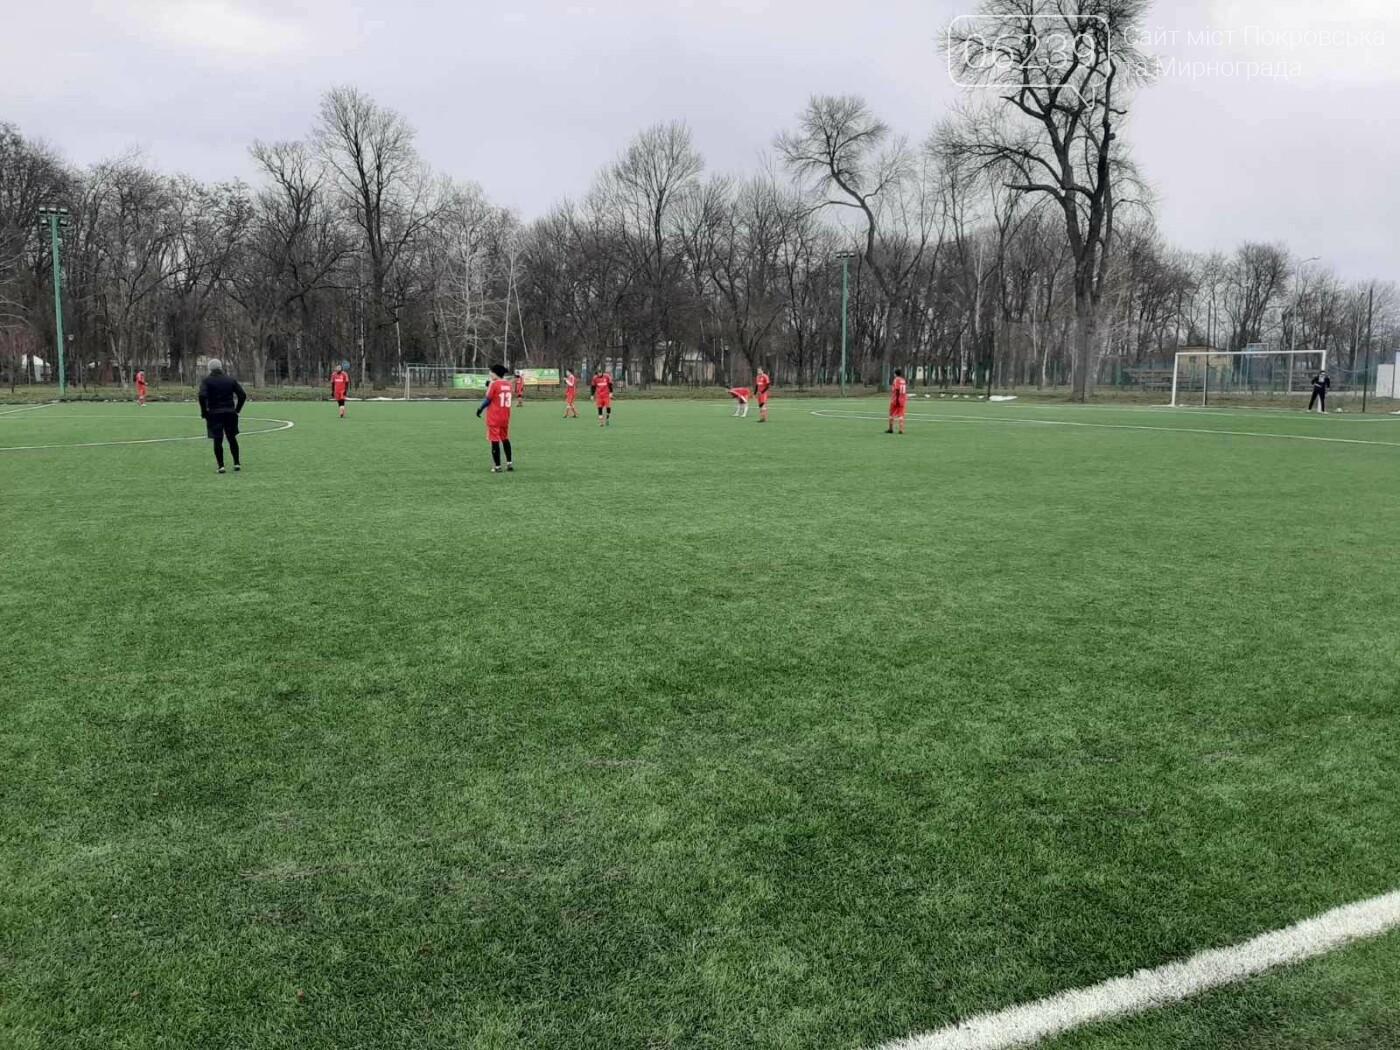 Первый блин всегда комом: ФК «Мирноград» уступил в стартовом матче зимнего первенства области по футболу, фото-2